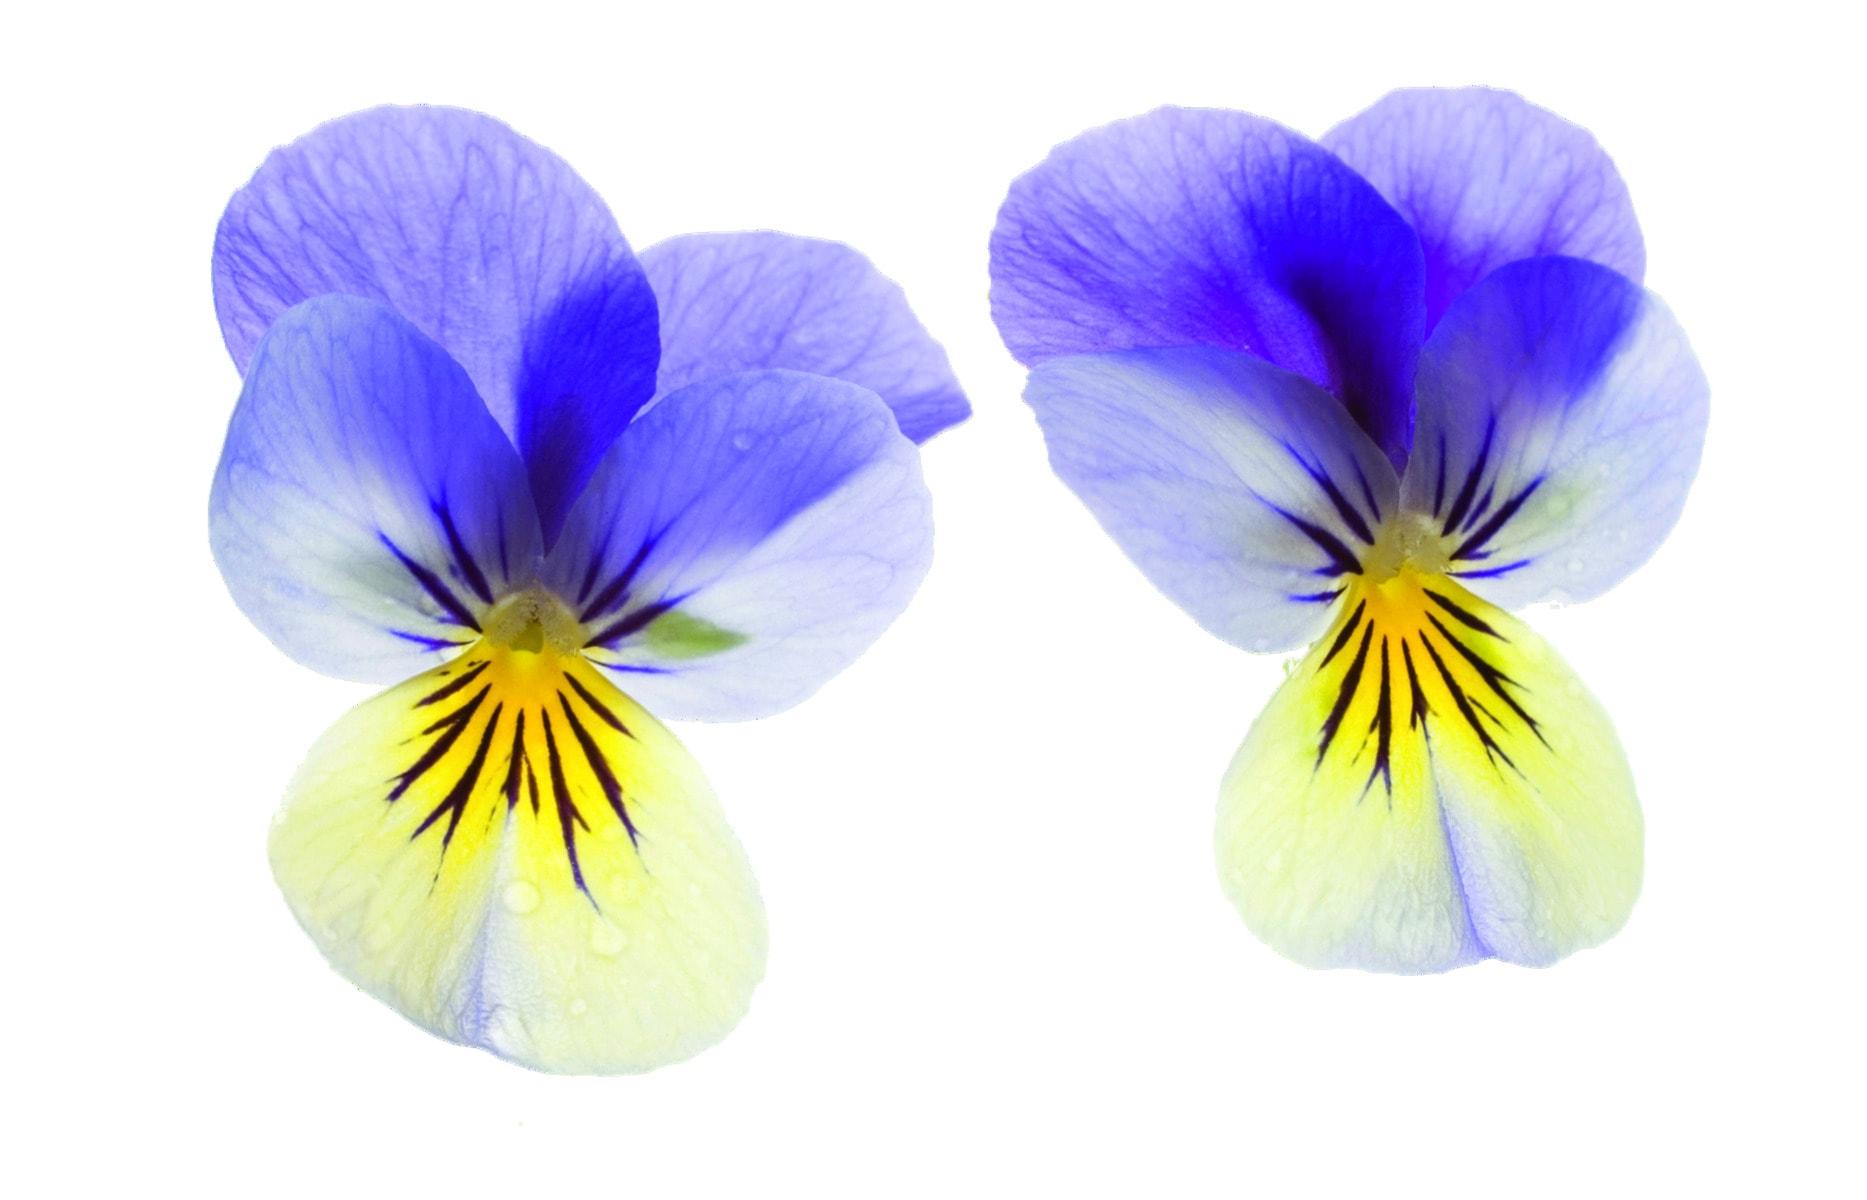 In Season Late Spring Edible Flowers Healthy Food Guide